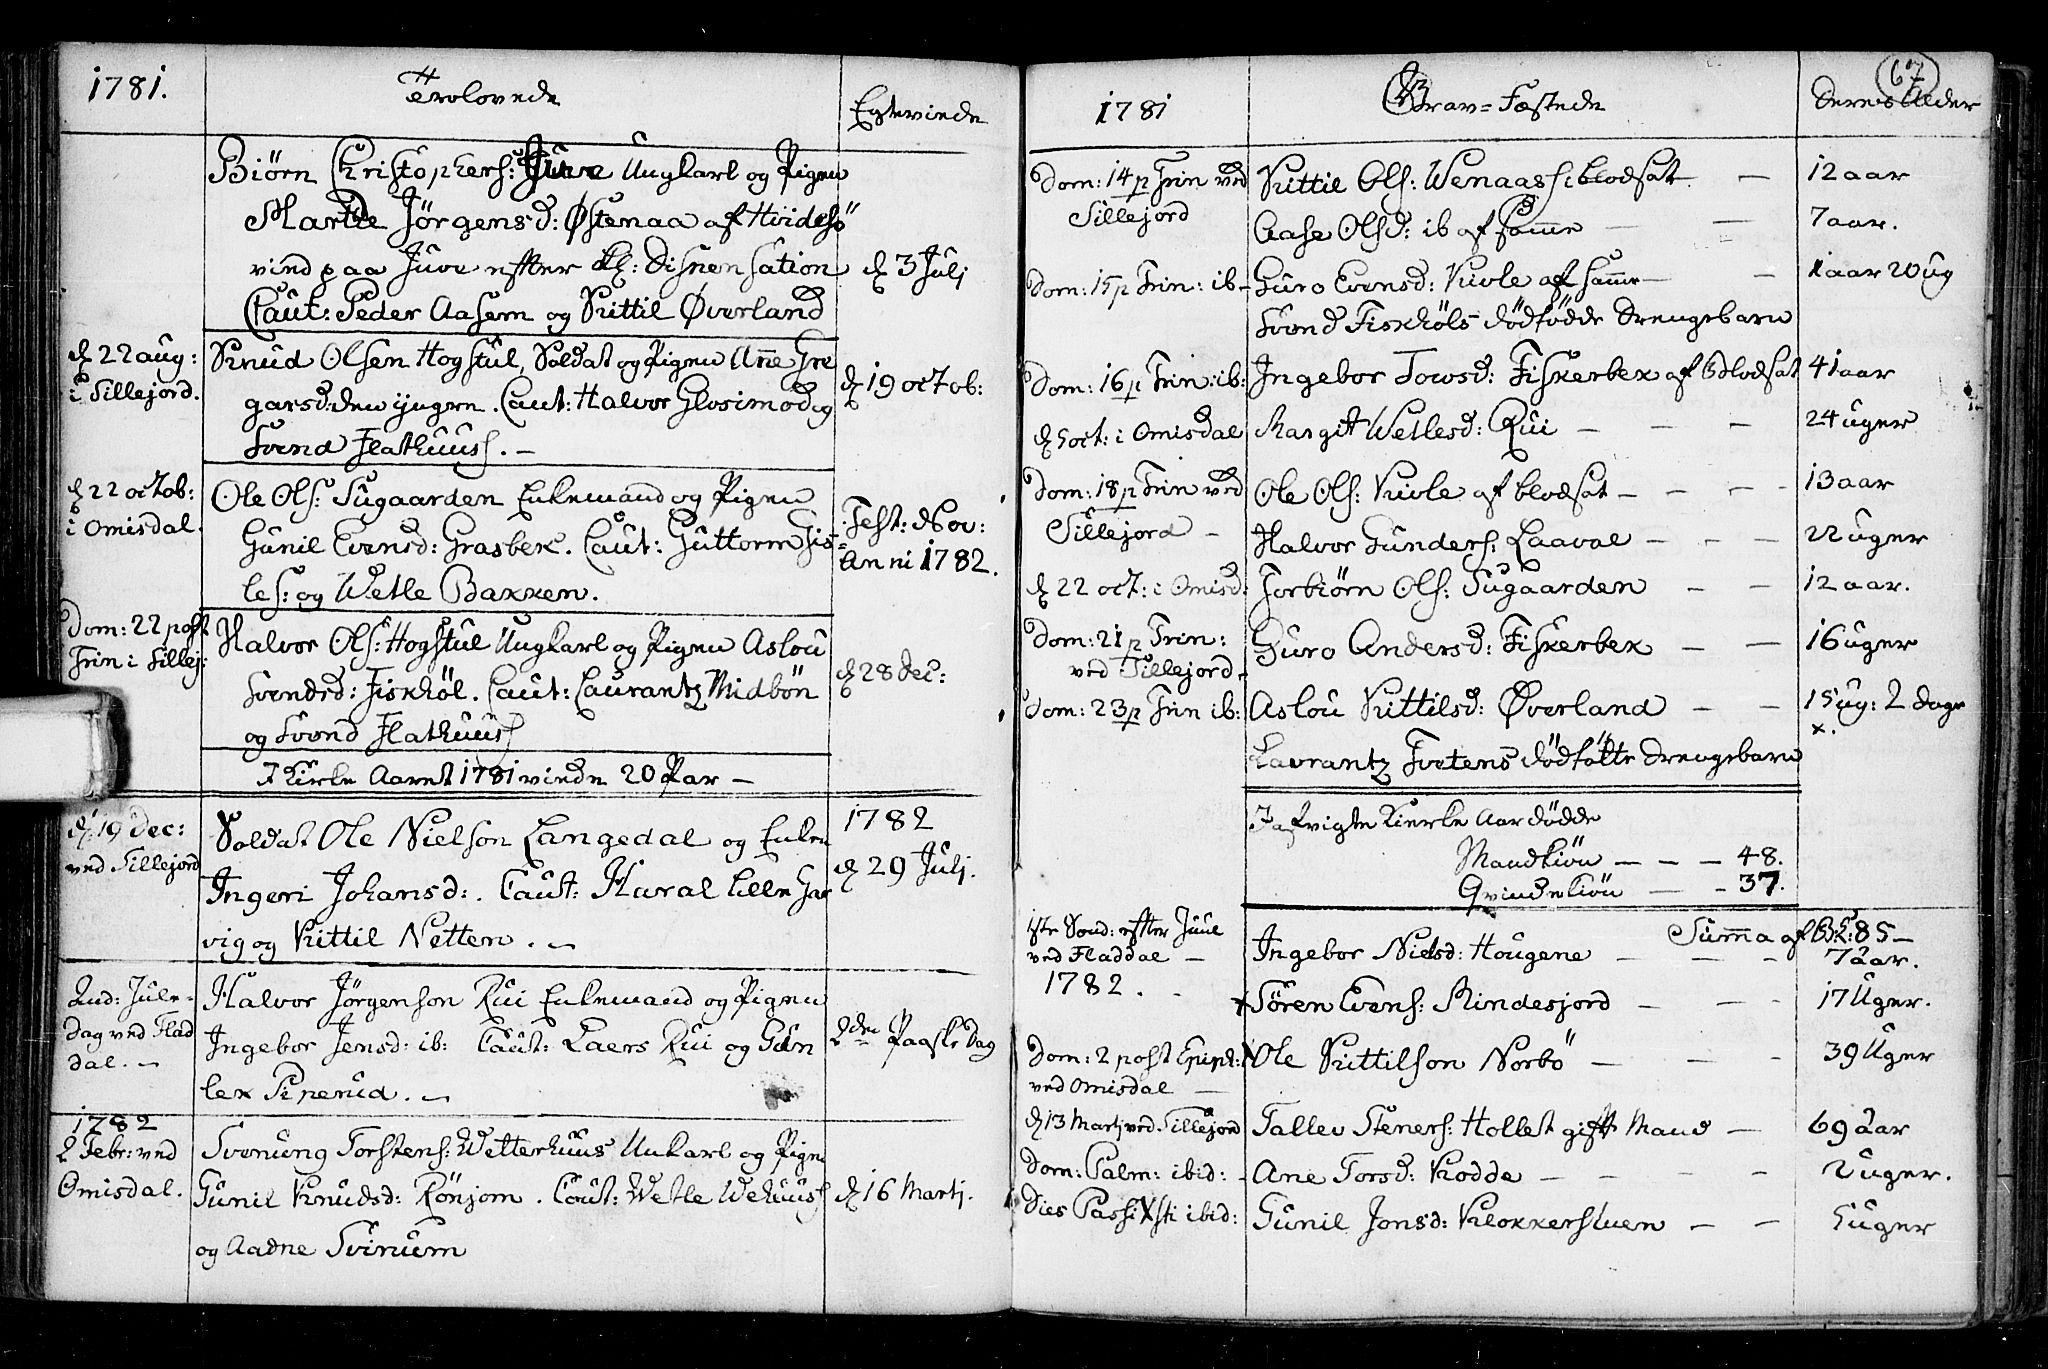 SAKO, Seljord kirkebøker, F/Fa/L0008: Ministerialbok nr. I 8, 1755-1814, s. 67